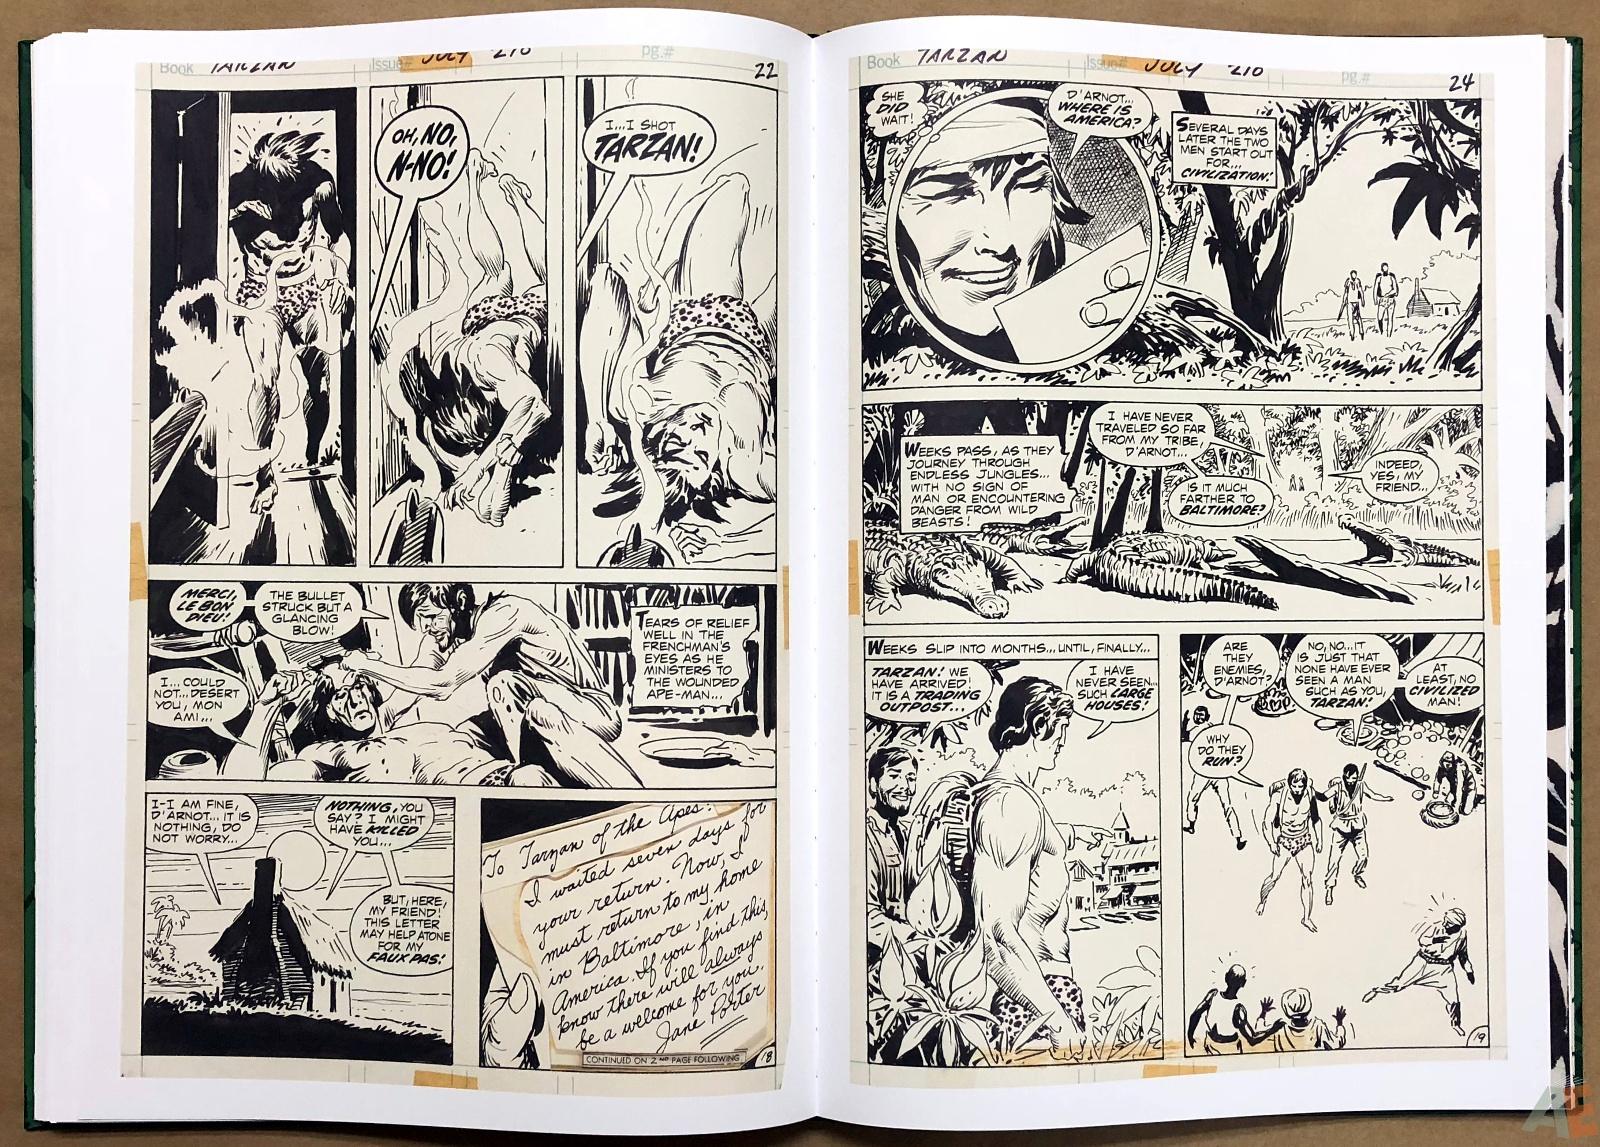 Joe Kubert's Tarzan of the Apes Artist's Edition 34